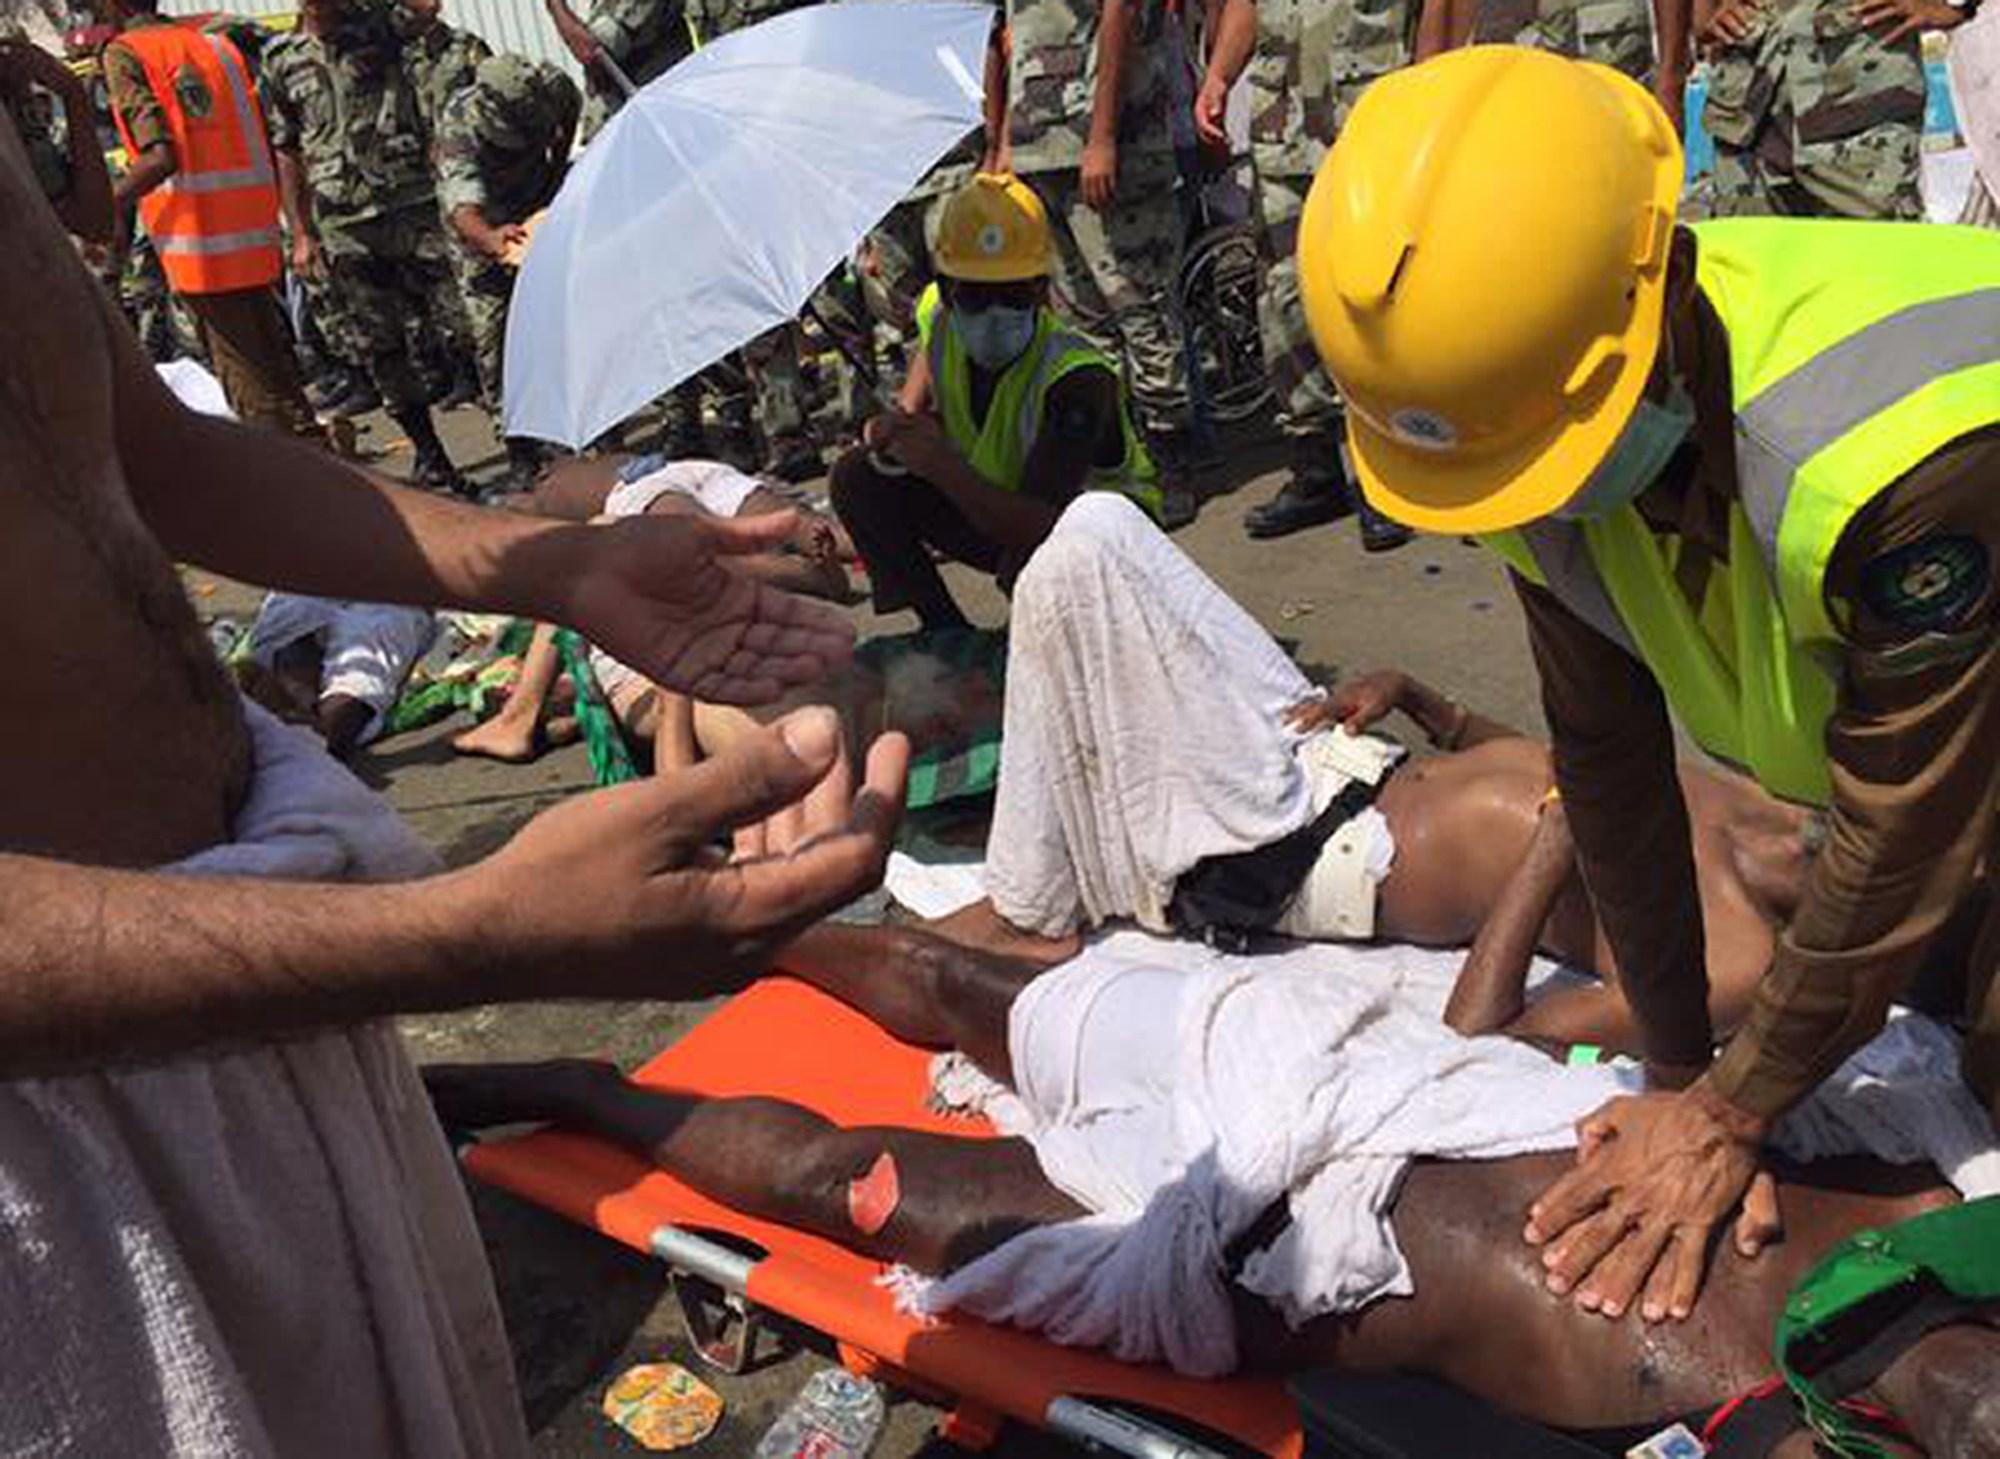 ارتفاع حصيلة وفيات حادث منى إلى 27 قتيلا